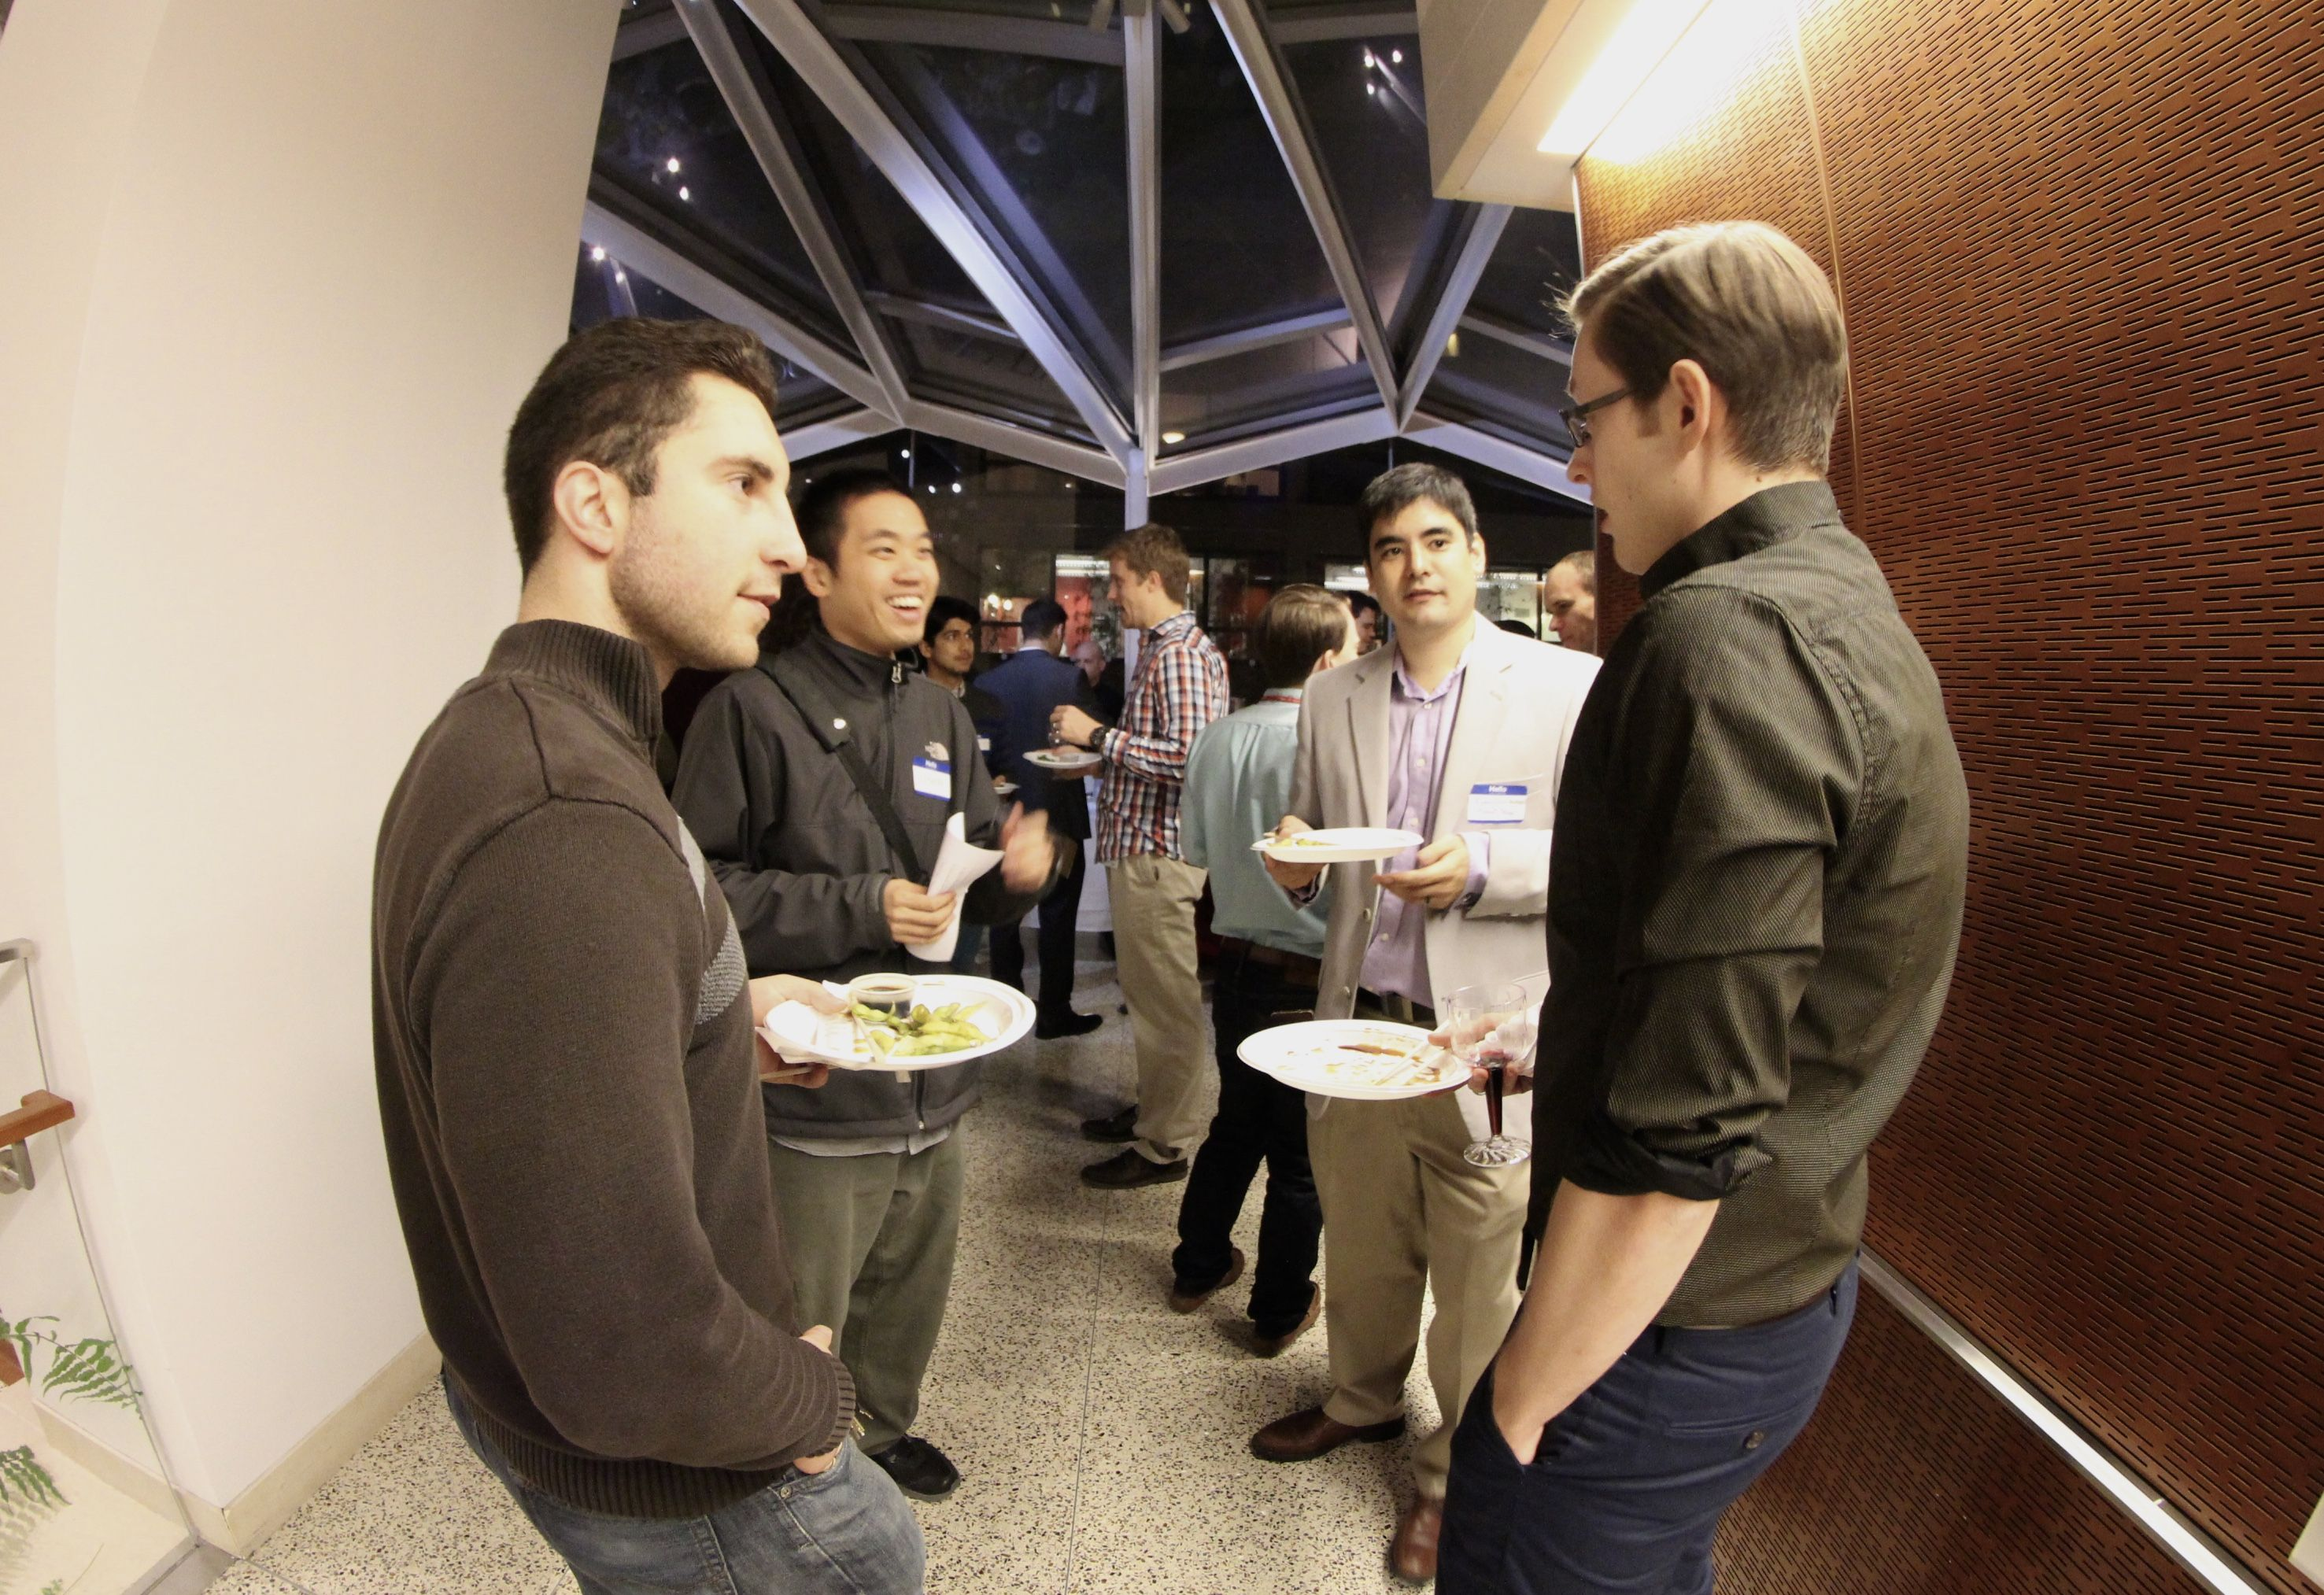 GRAD STUDENTS: Graduate School Grant Proposal essay suggestions?